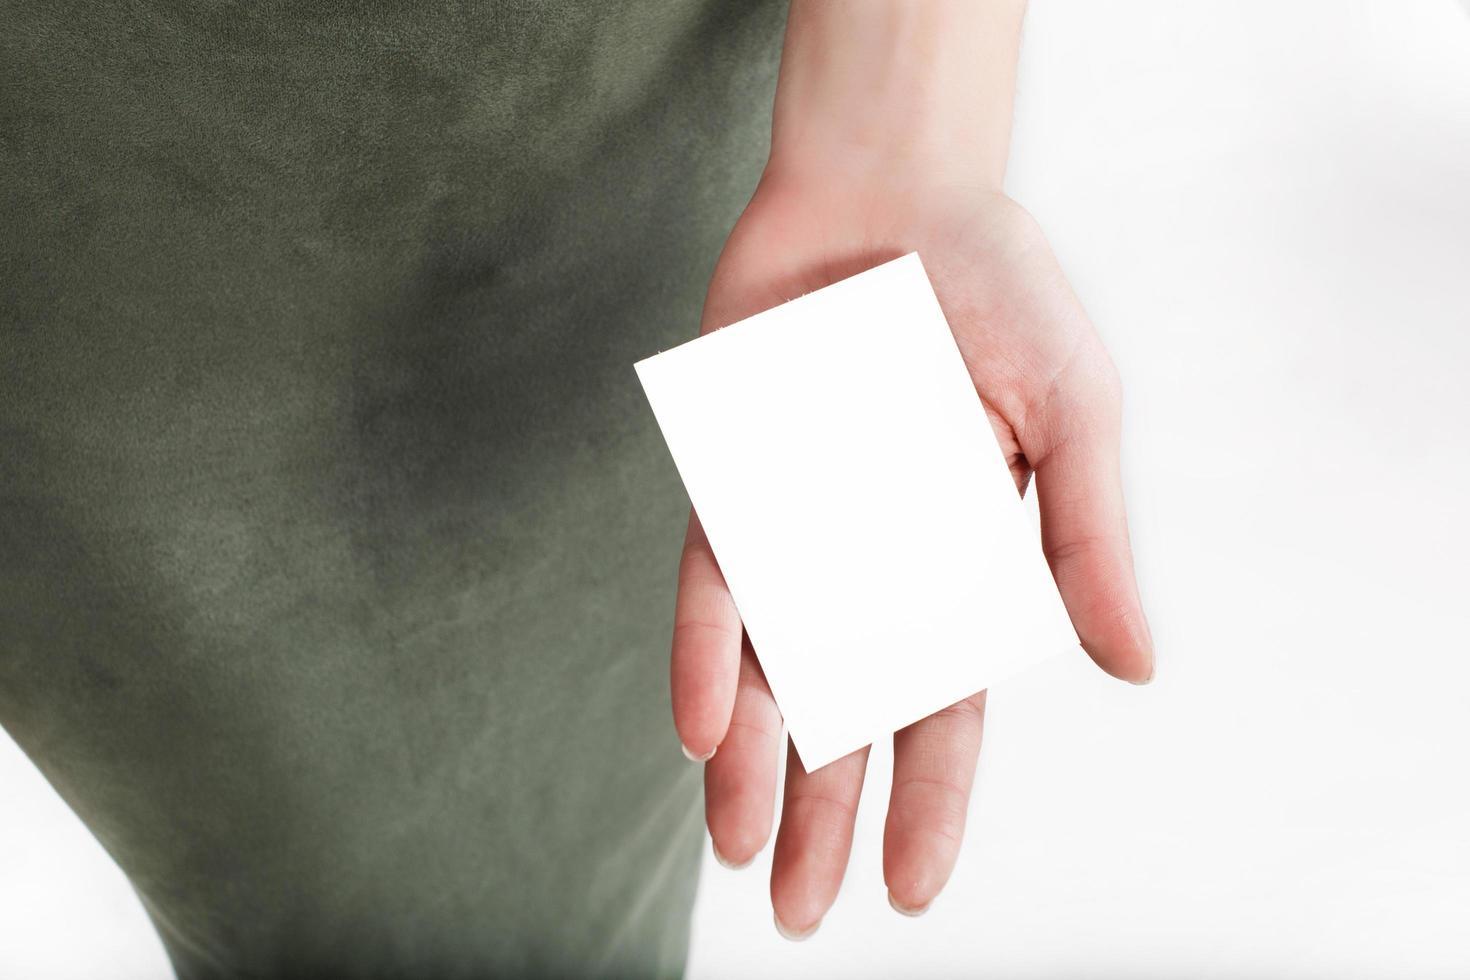 femme tient une carte blanche dans sa main photo